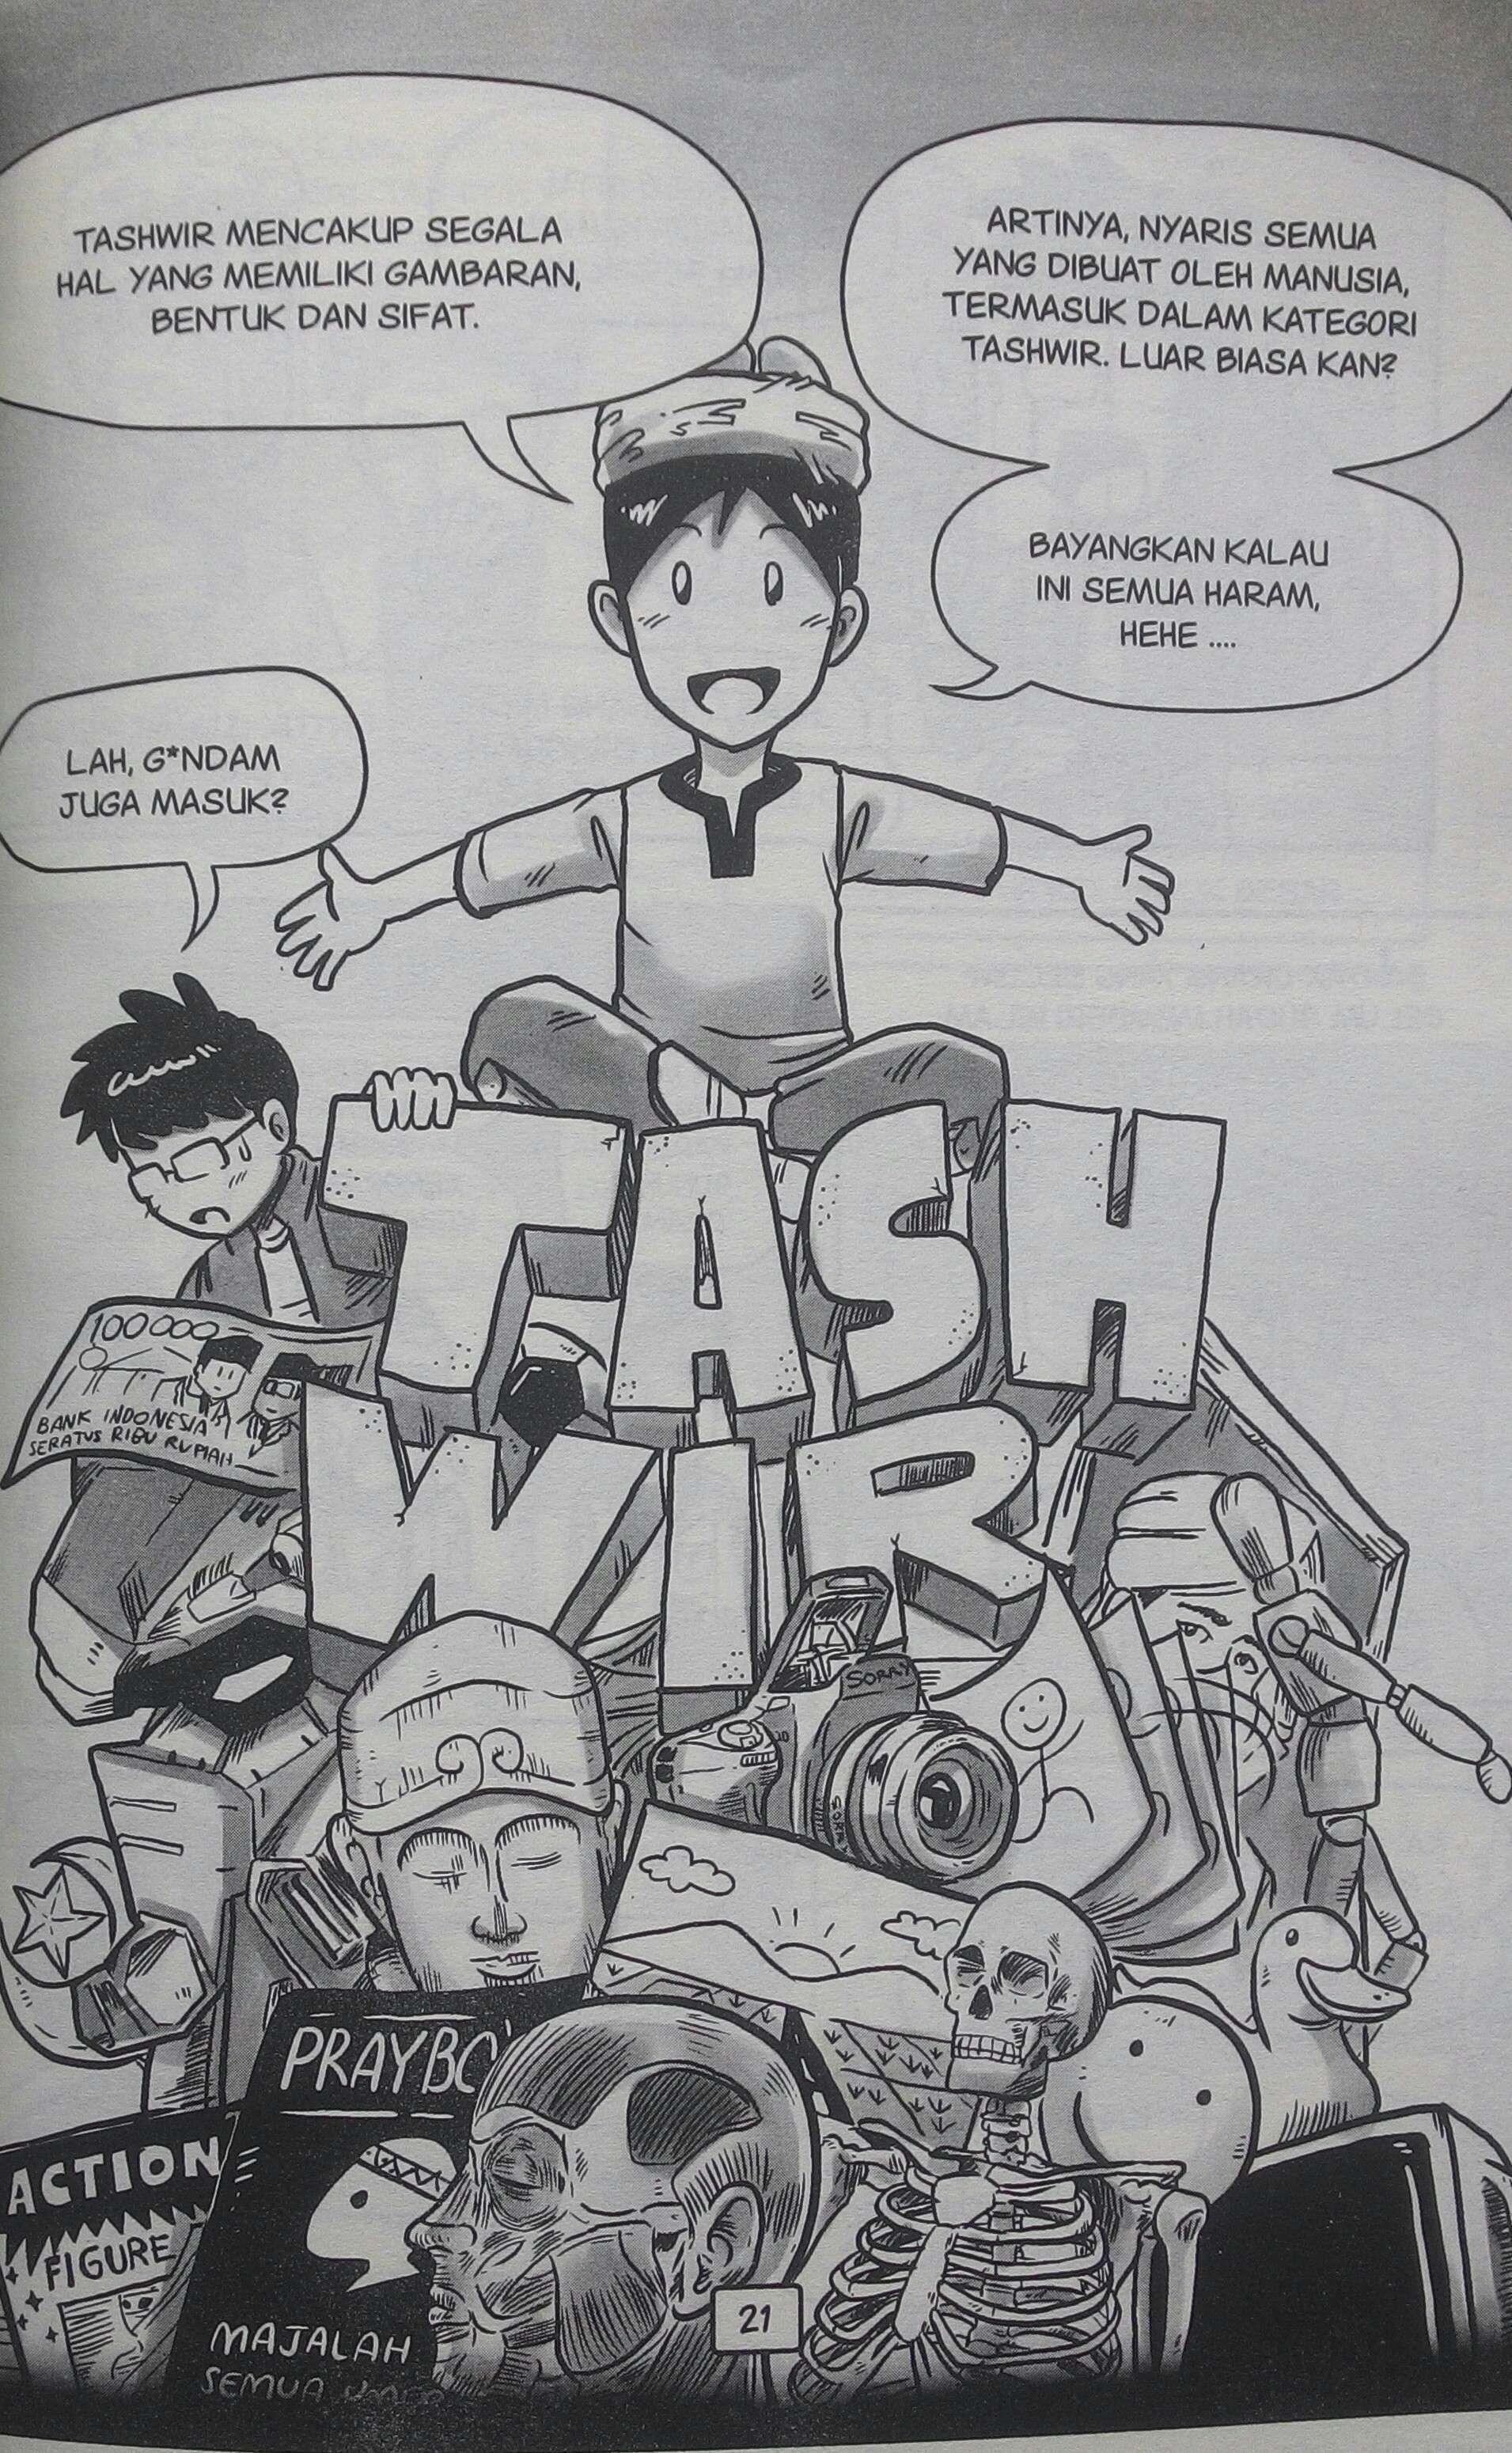 Ulasan Buku Gambar Itu Haram Menelaah Hukum Gambar Dalam Islam Kaori Nusantara